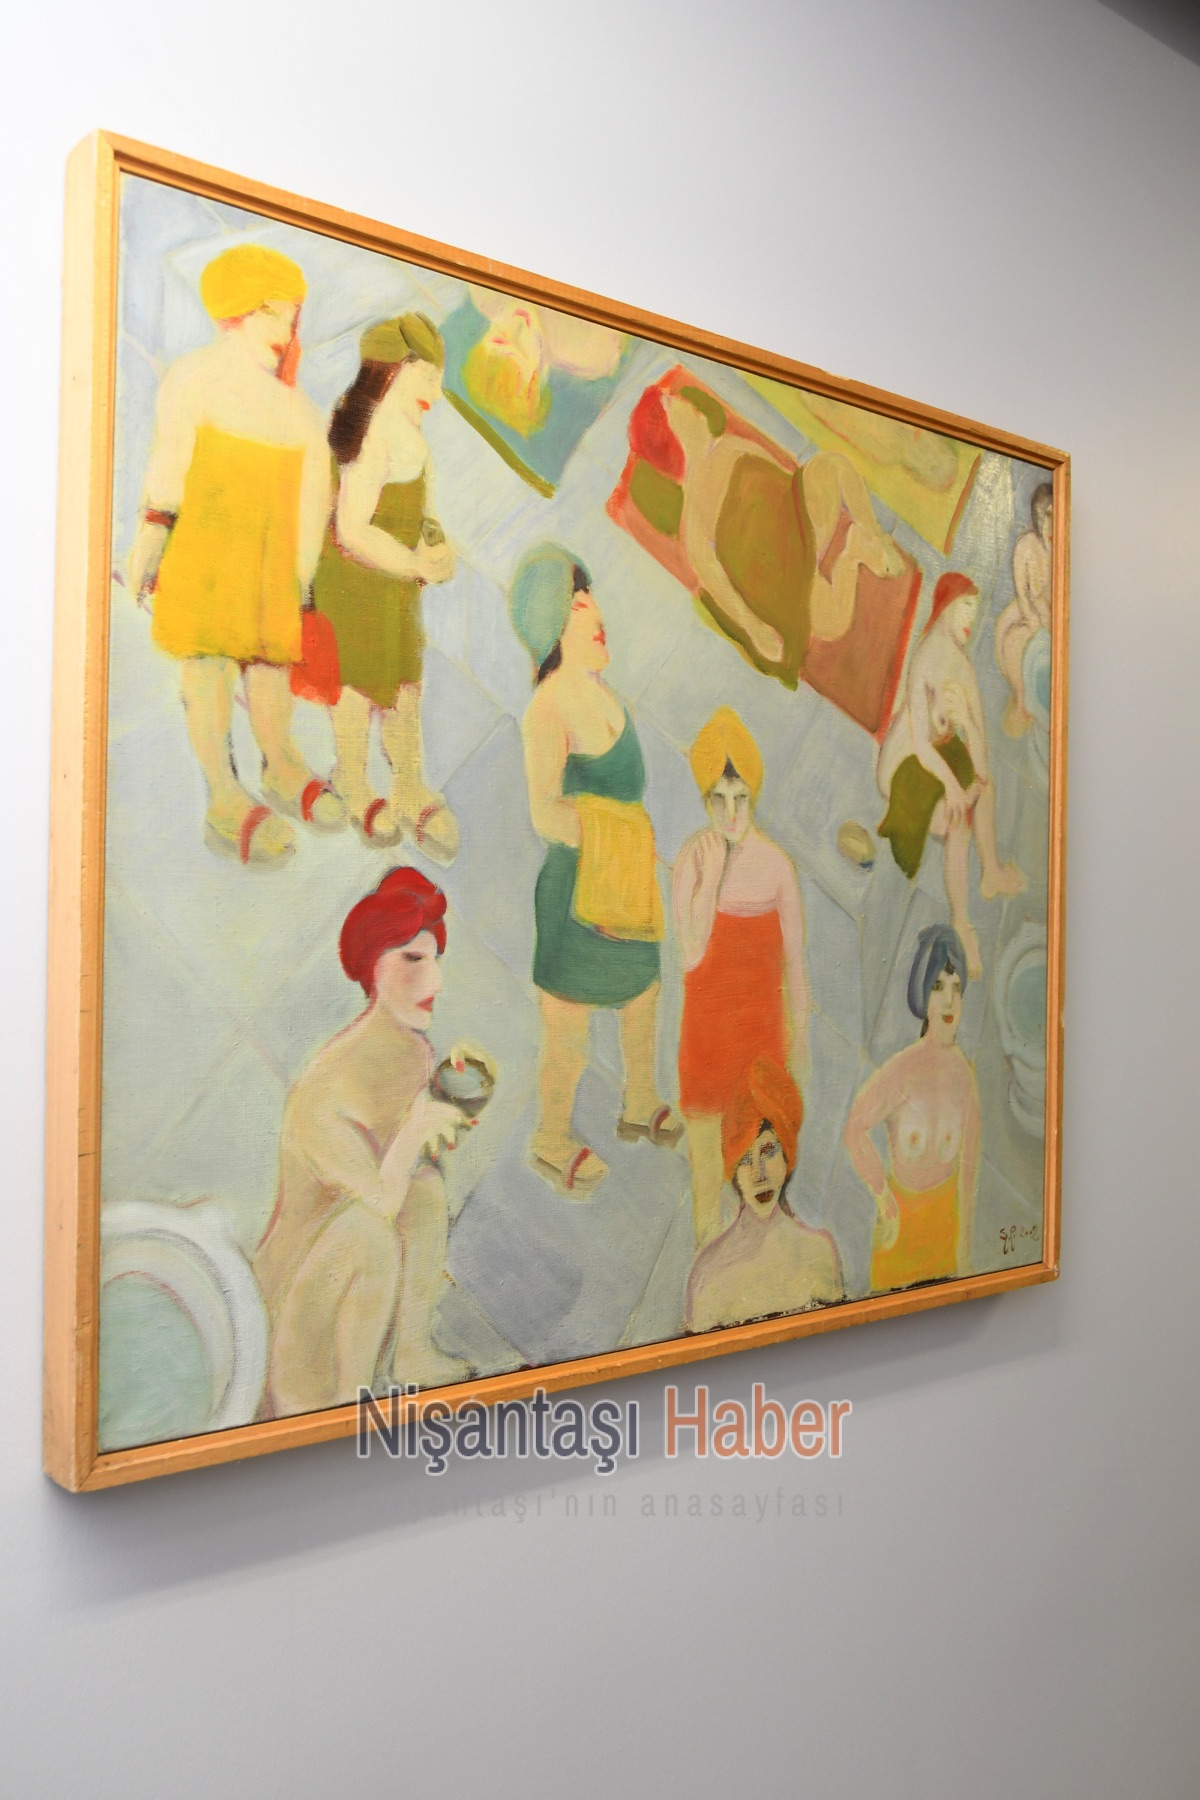 Teşvikiye Sanat Galerisi'nde 35. yıl sergisi